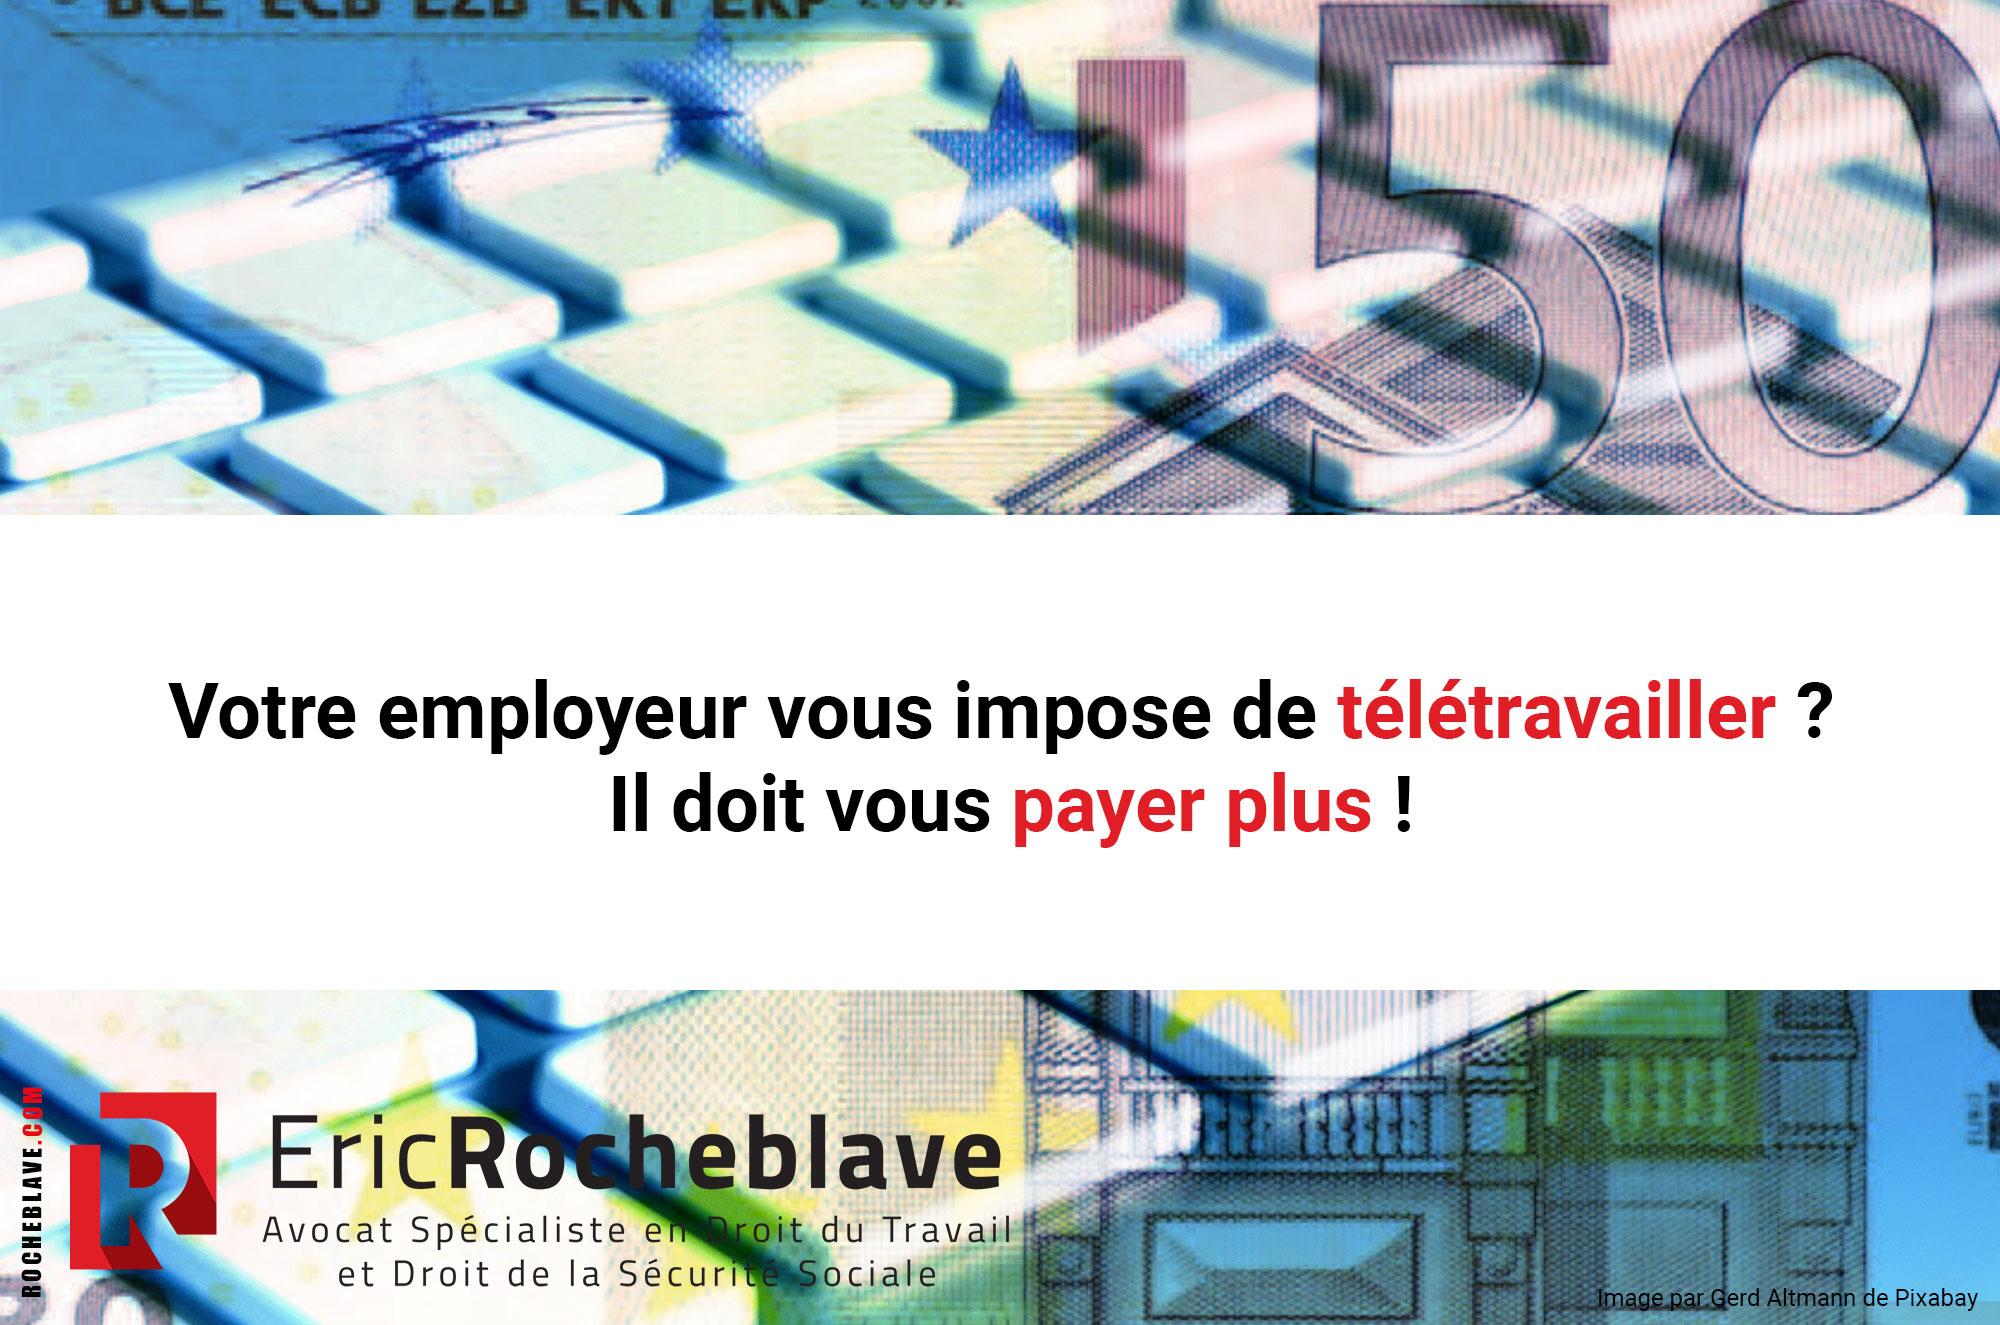 Votre employeur vous impose de télétravailler ? Il doit vous payer plus !